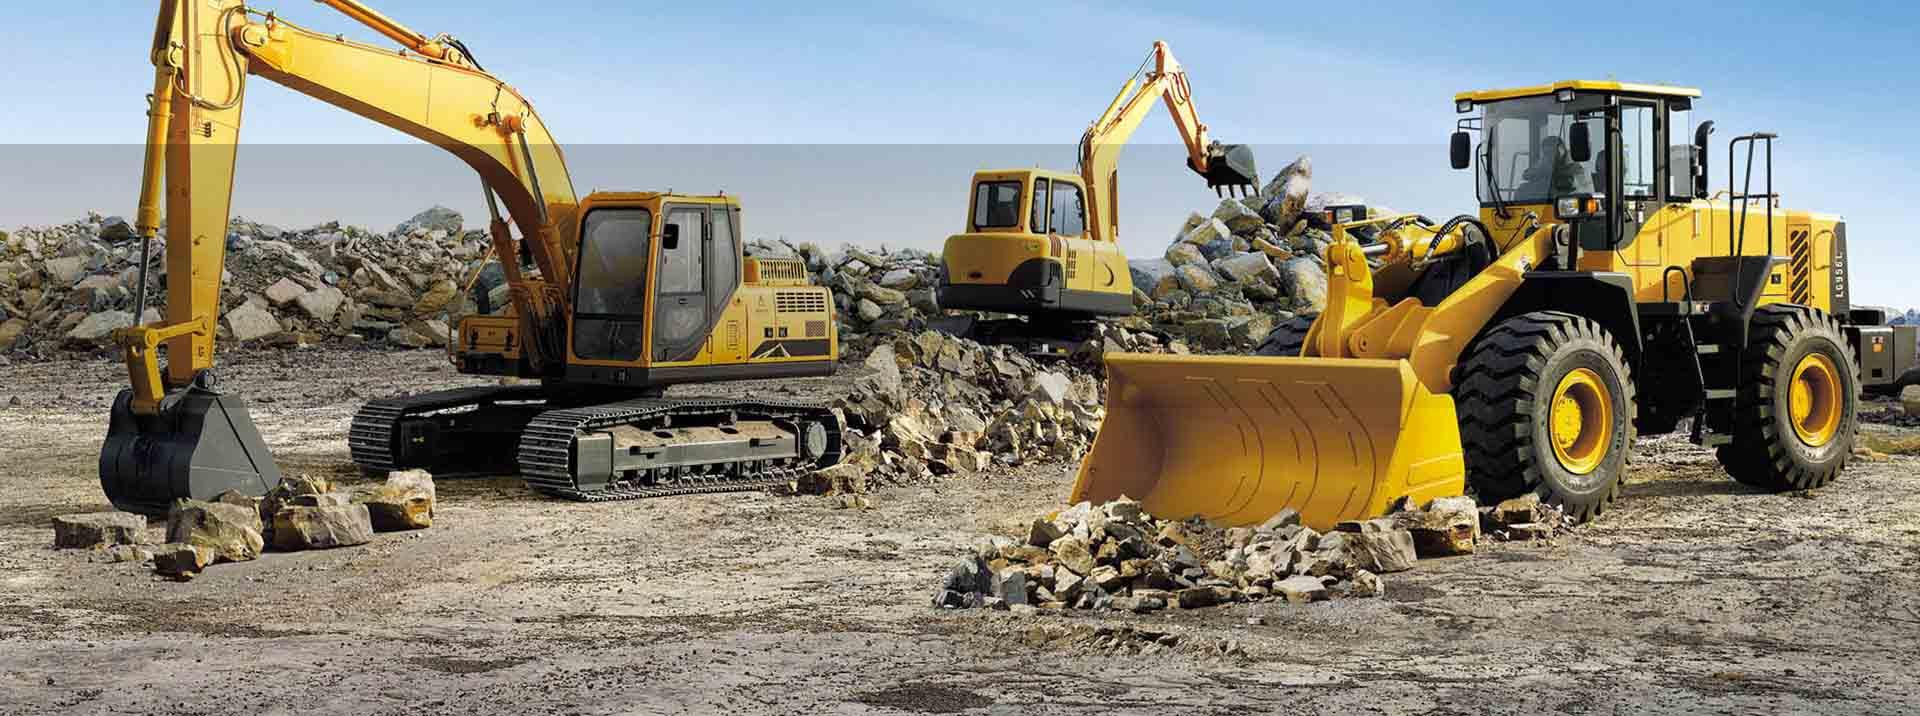 maquinas-custo-da-construcao